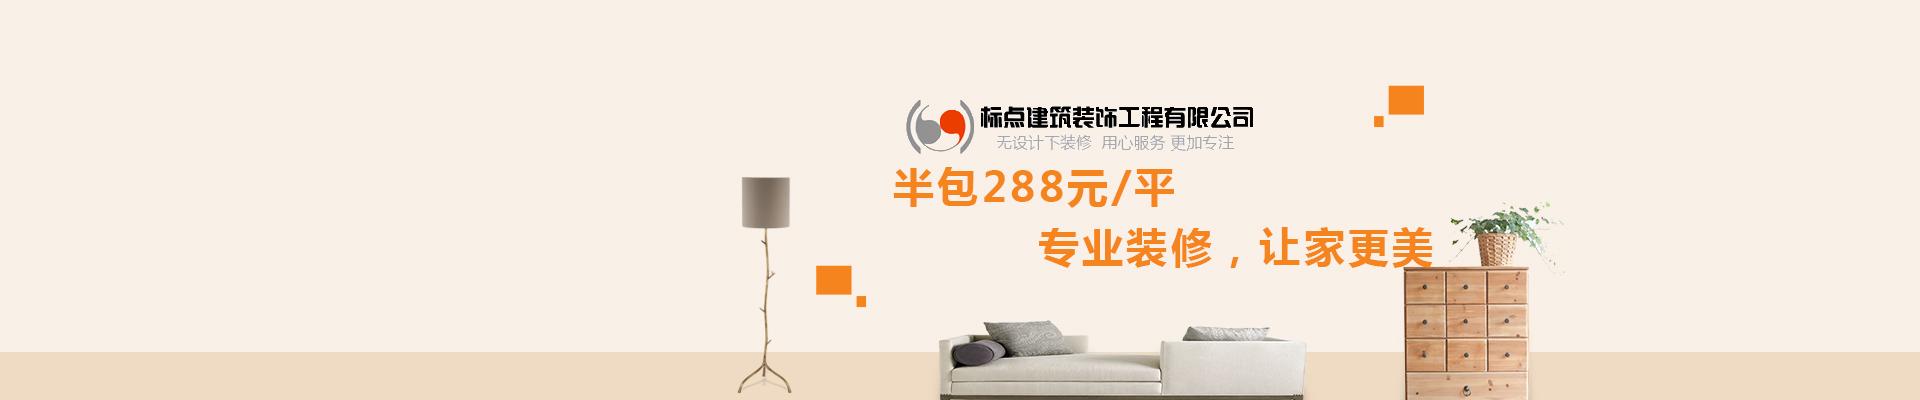 连云港标点建筑装饰工程有限公司